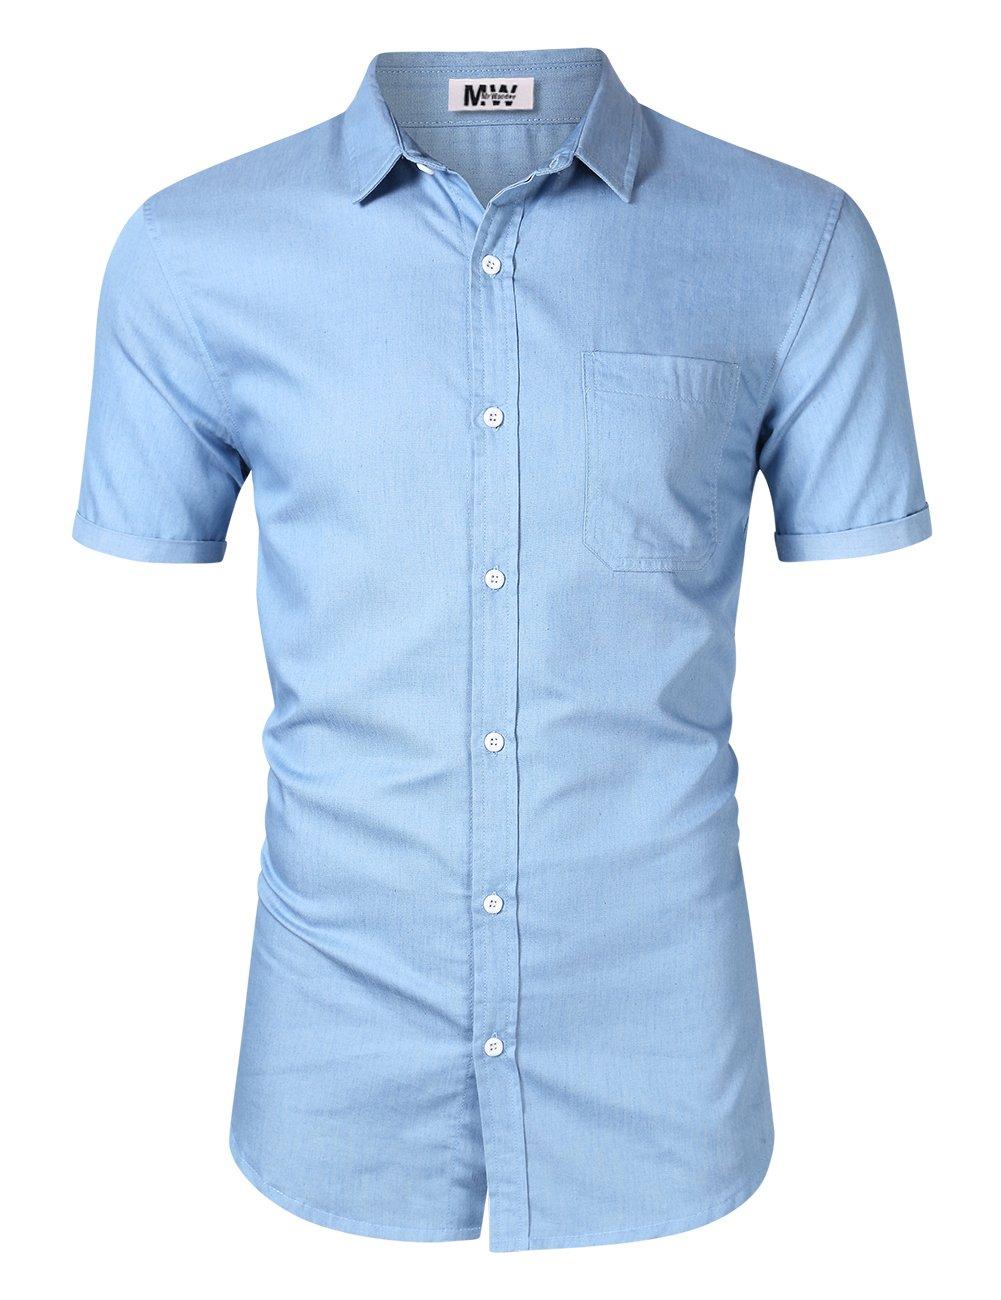 MrWonder メンズカジュアルスリムフィット長袖ボタンダウンドレスシャツ デニムシャツ B07CBRQVR5 Small スカイブルー スカイブルー Small